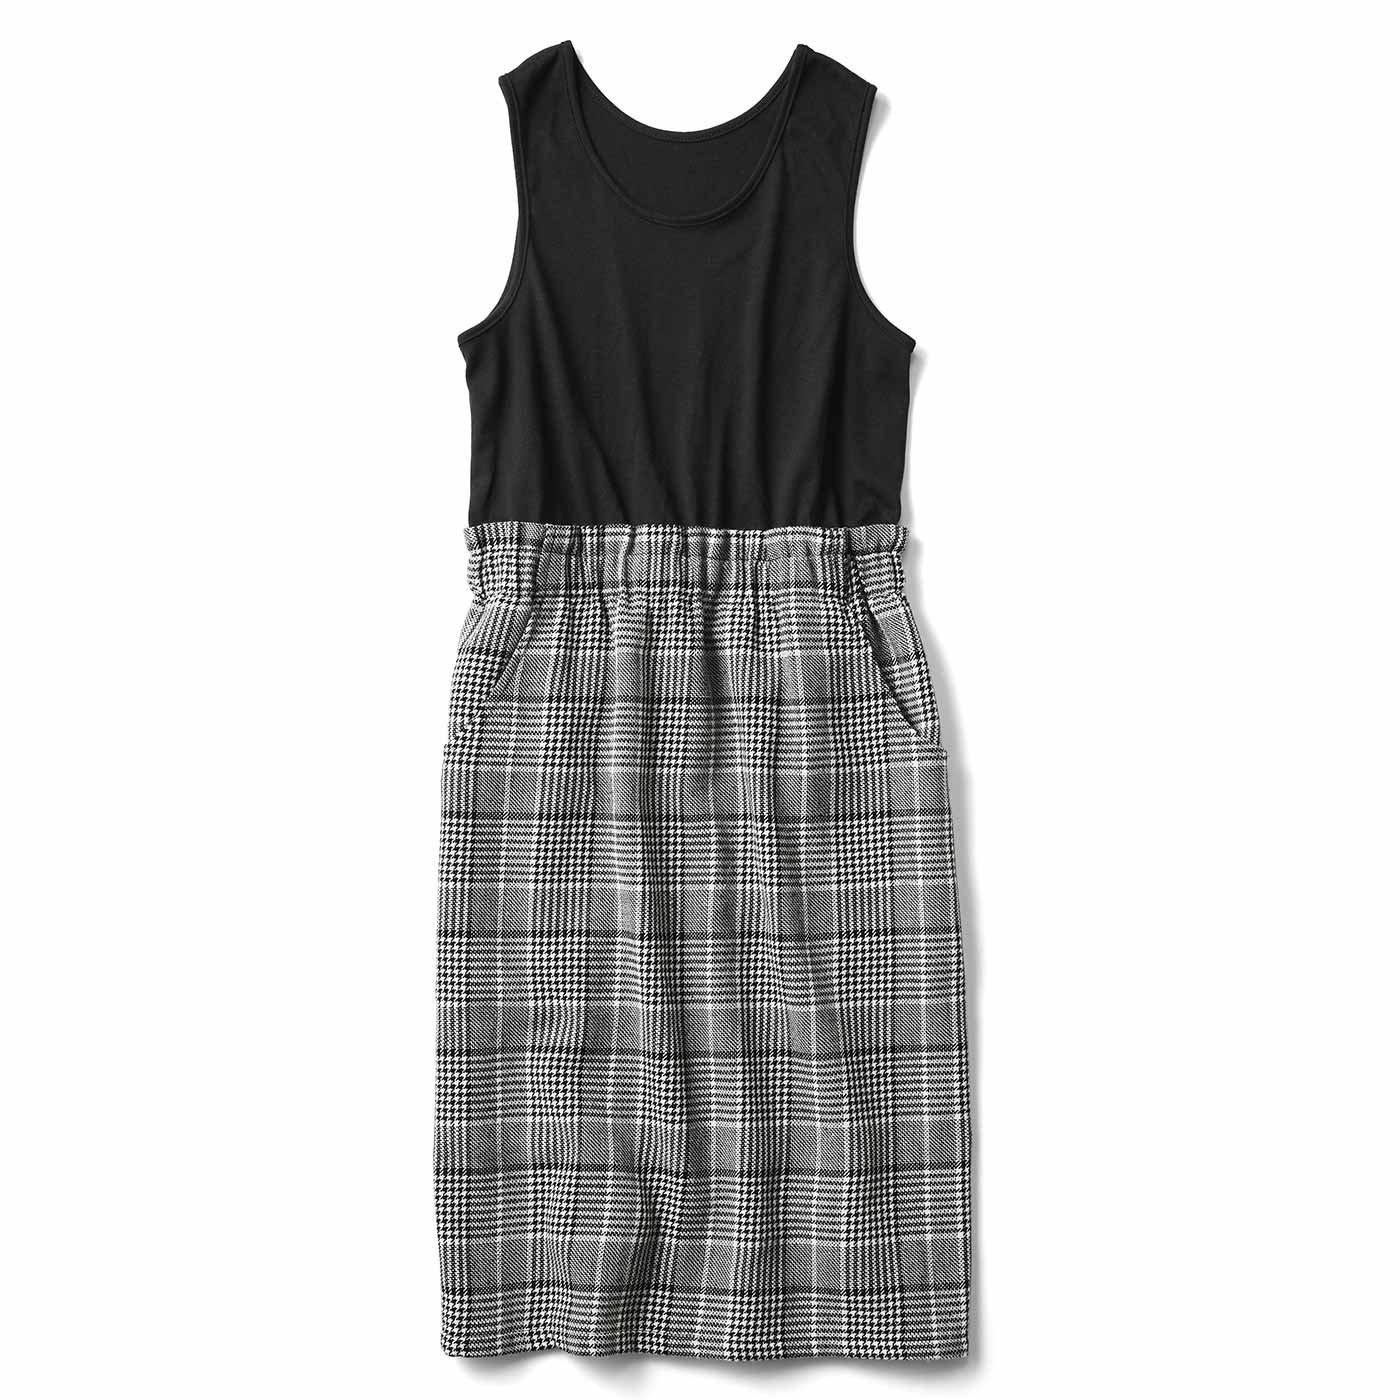 【3~10日でお届け】IEDIT[イディット] 上から吊(つ)ってるみたいでウエスト快適 タンクトップ付きシック柄チェックのⅠラインスカート〈ブラック〉